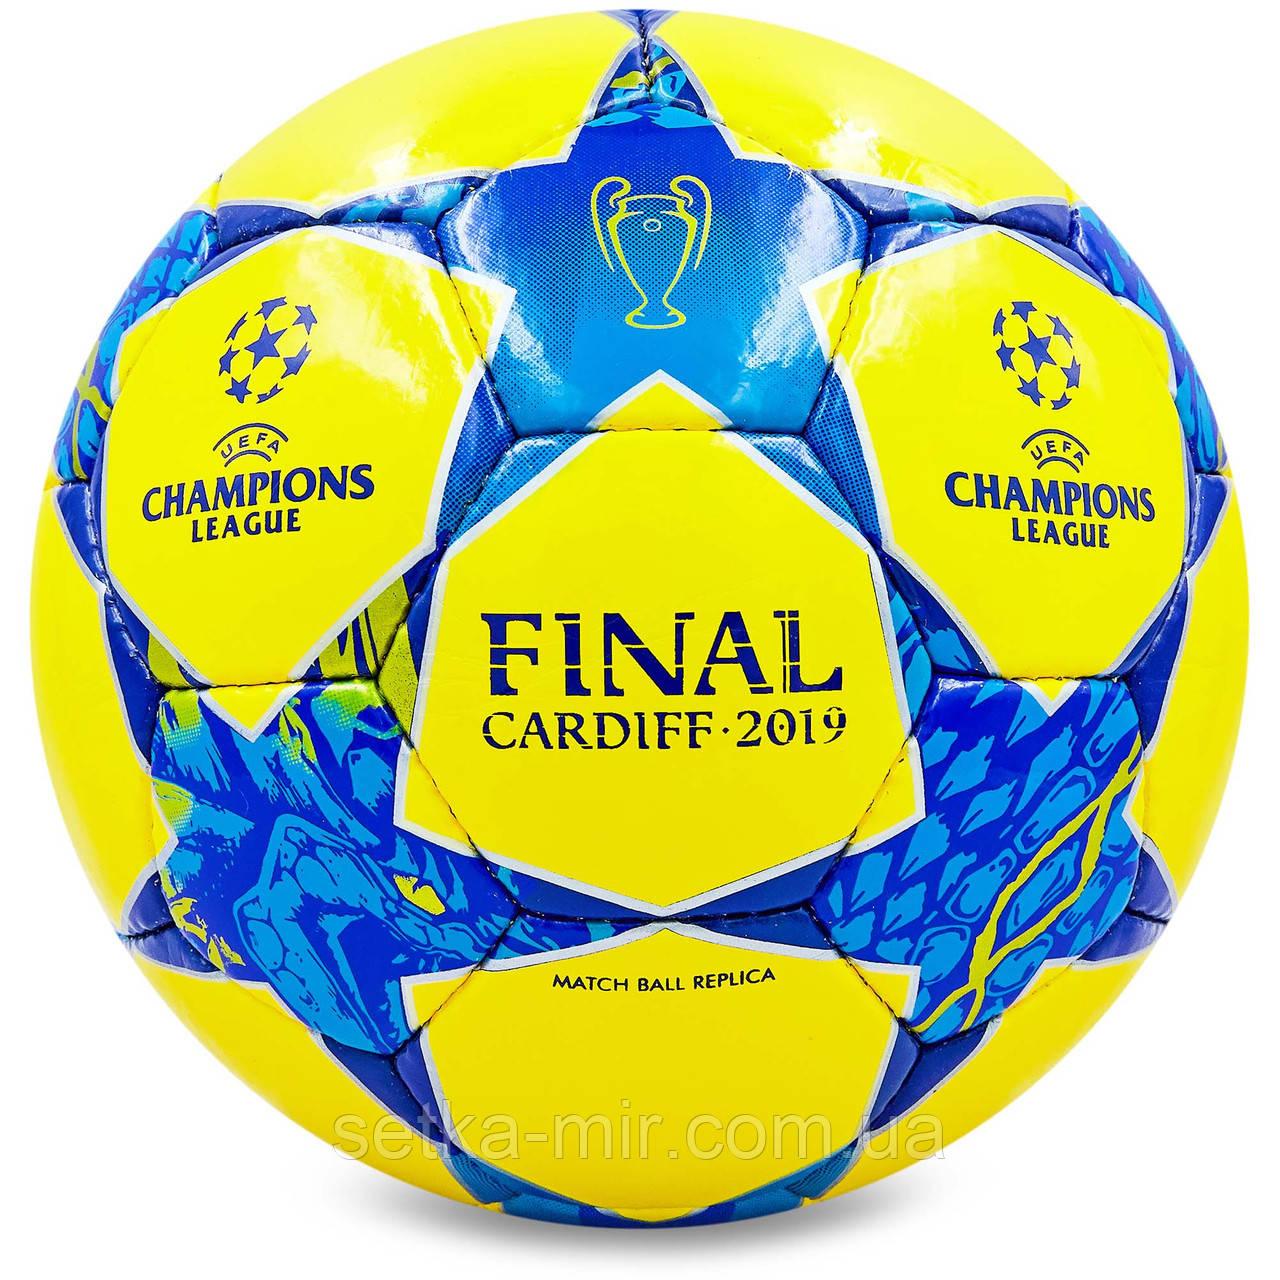 Мяч футбольный №4 PU ламин. CHAMPIONS LEAGUE FINAL MADRID 2019 FB-0146 (№4, 5 сл., сшит вручную)